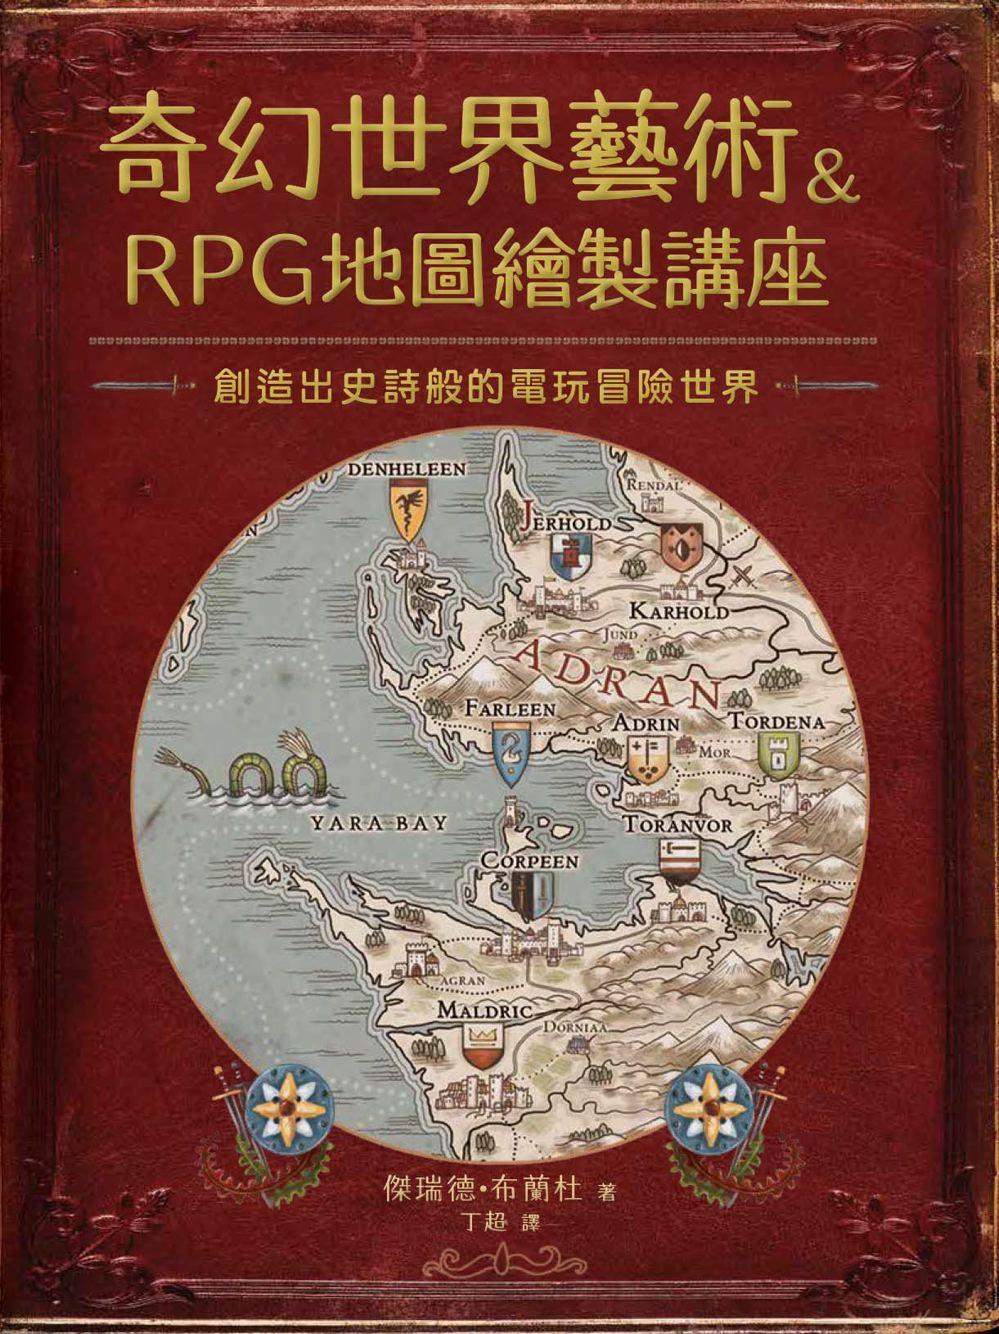 ◤博客來BOOKS◢ 暢銷書榜《推薦》奇幻世界藝術&RPG;地圖繪製講座